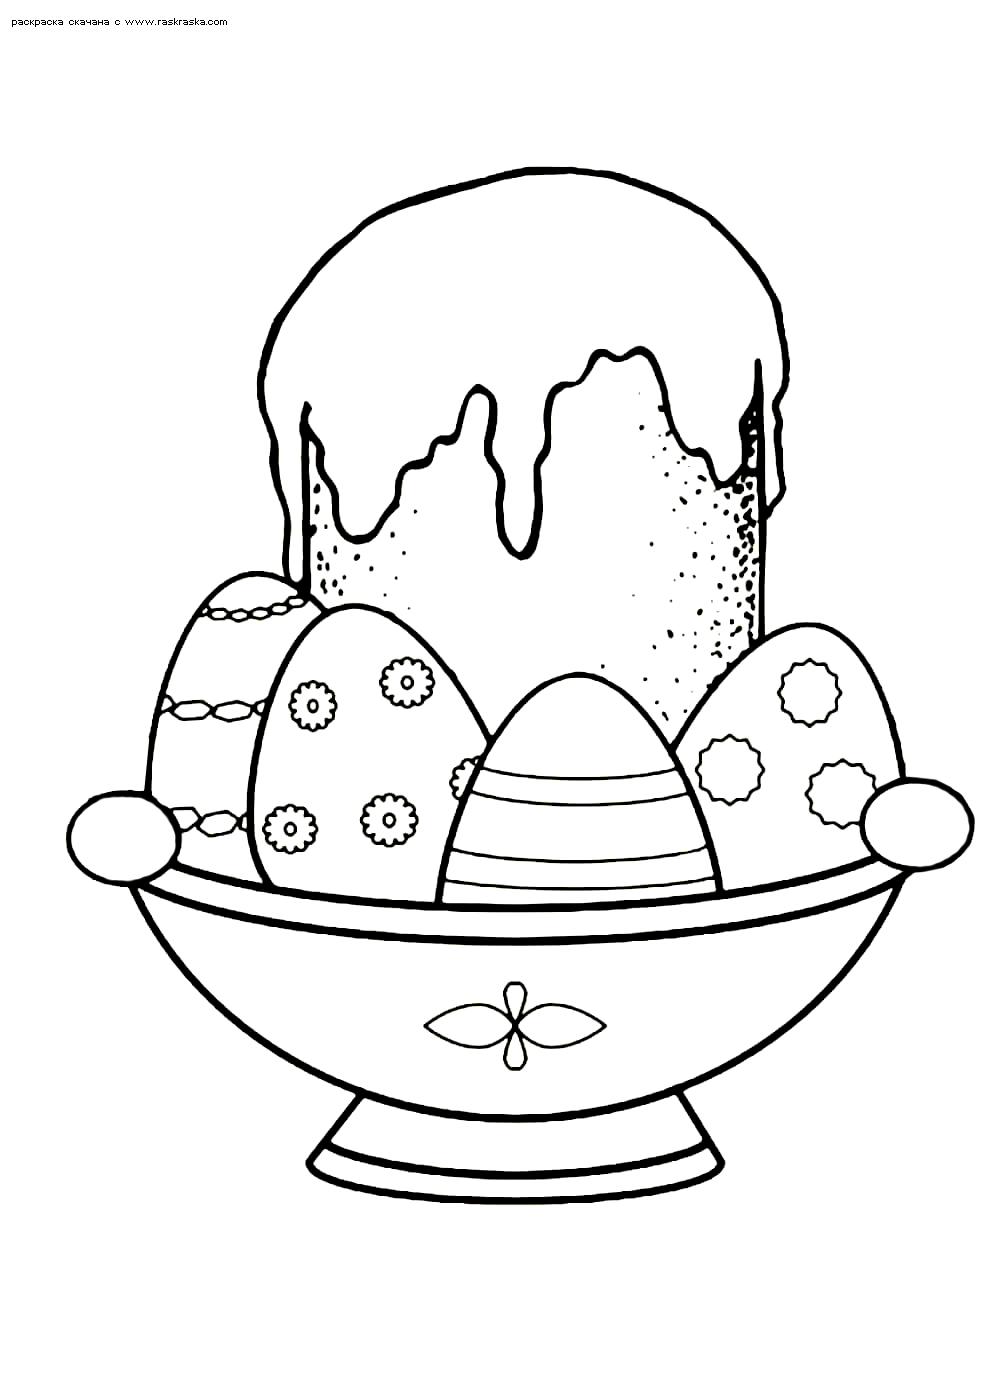 Раскраска Угощение на Пасху. Раскраска пасха, кулич, яйца